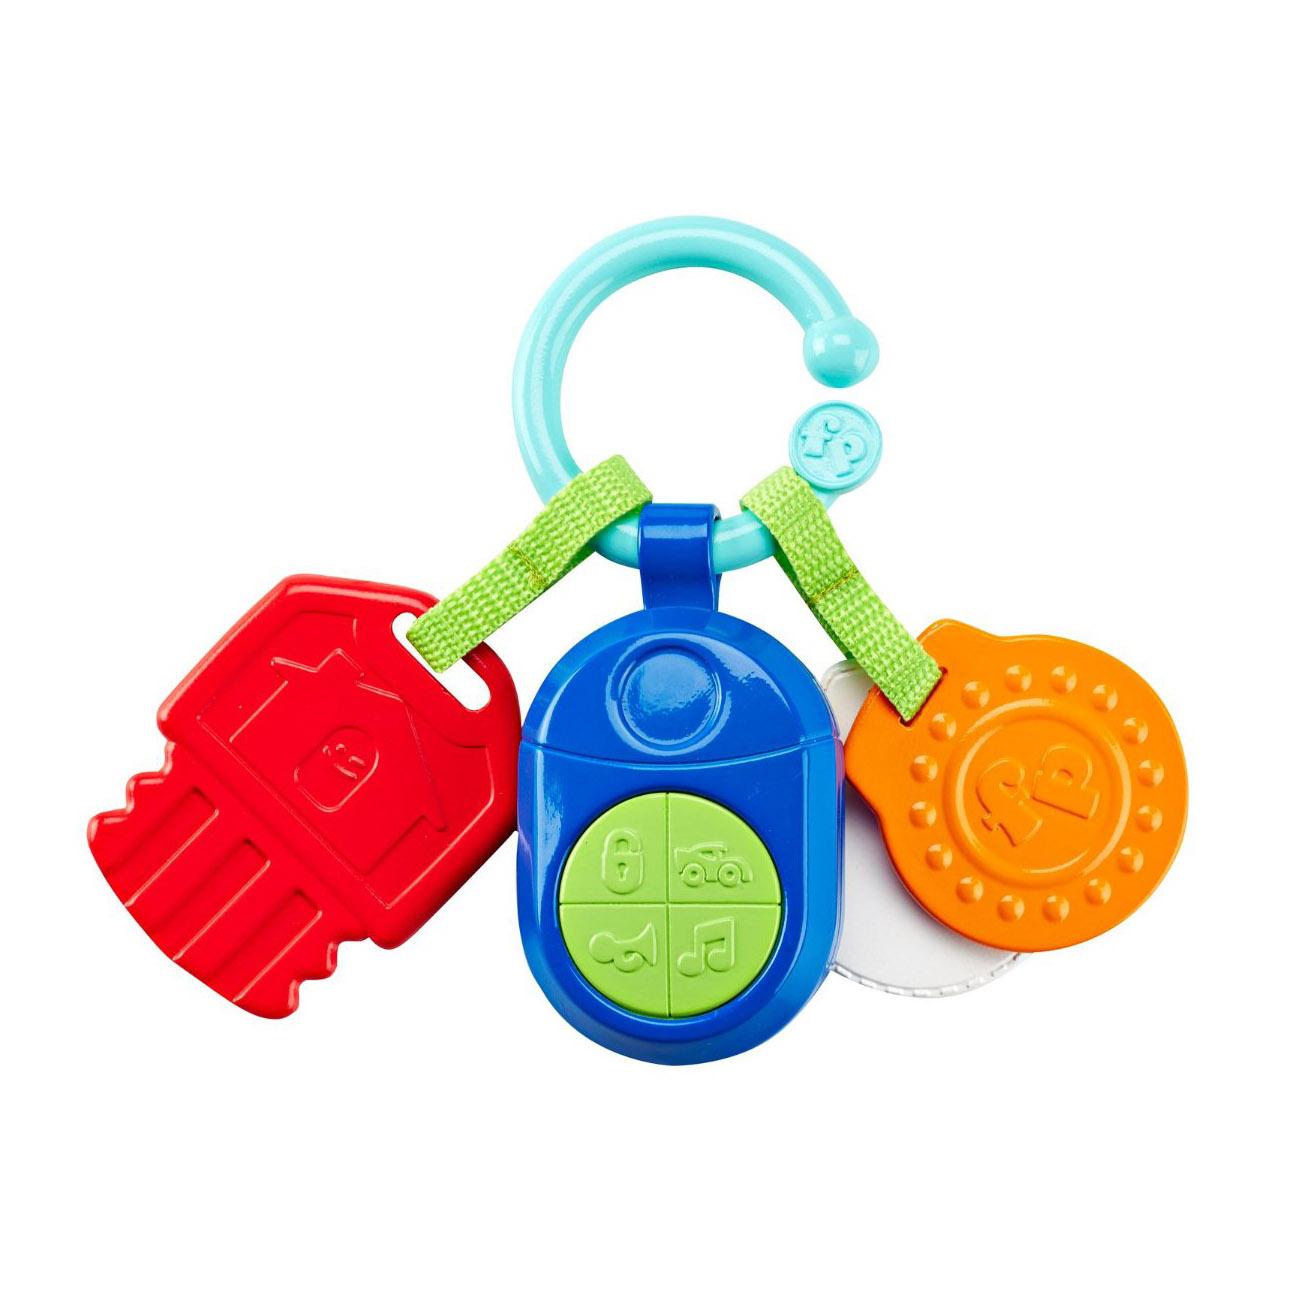 Прорезыватель - КлючикиДетские погремушки и подвесные игрушки на кроватку<br>Прорезыватель - Ключики<br>